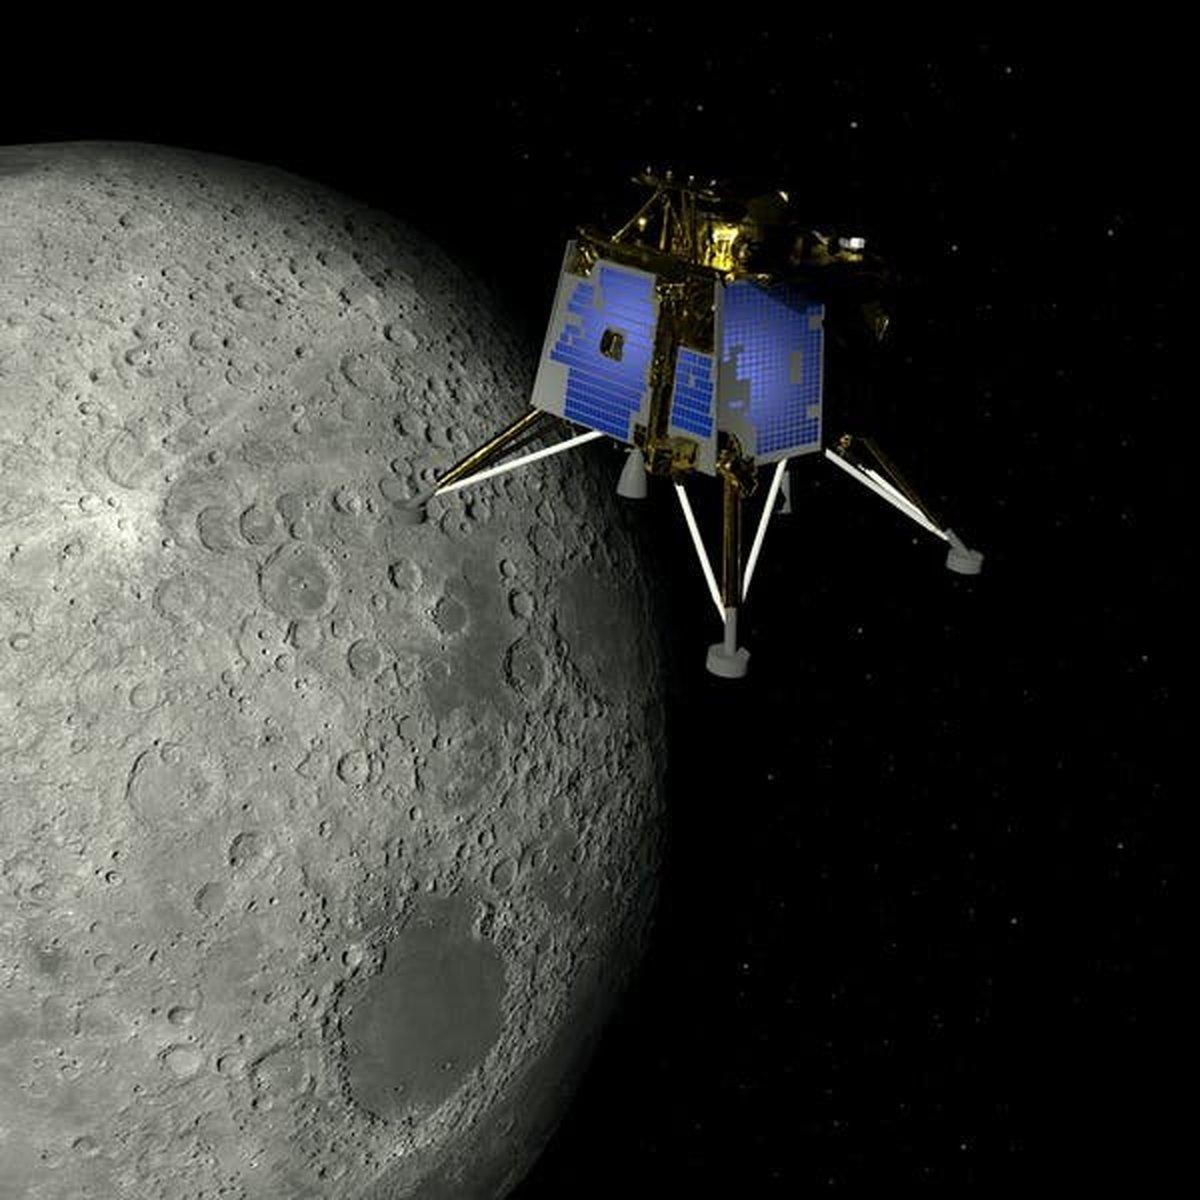 ساخت یخچال مخصوص ماموریتهای فضایی